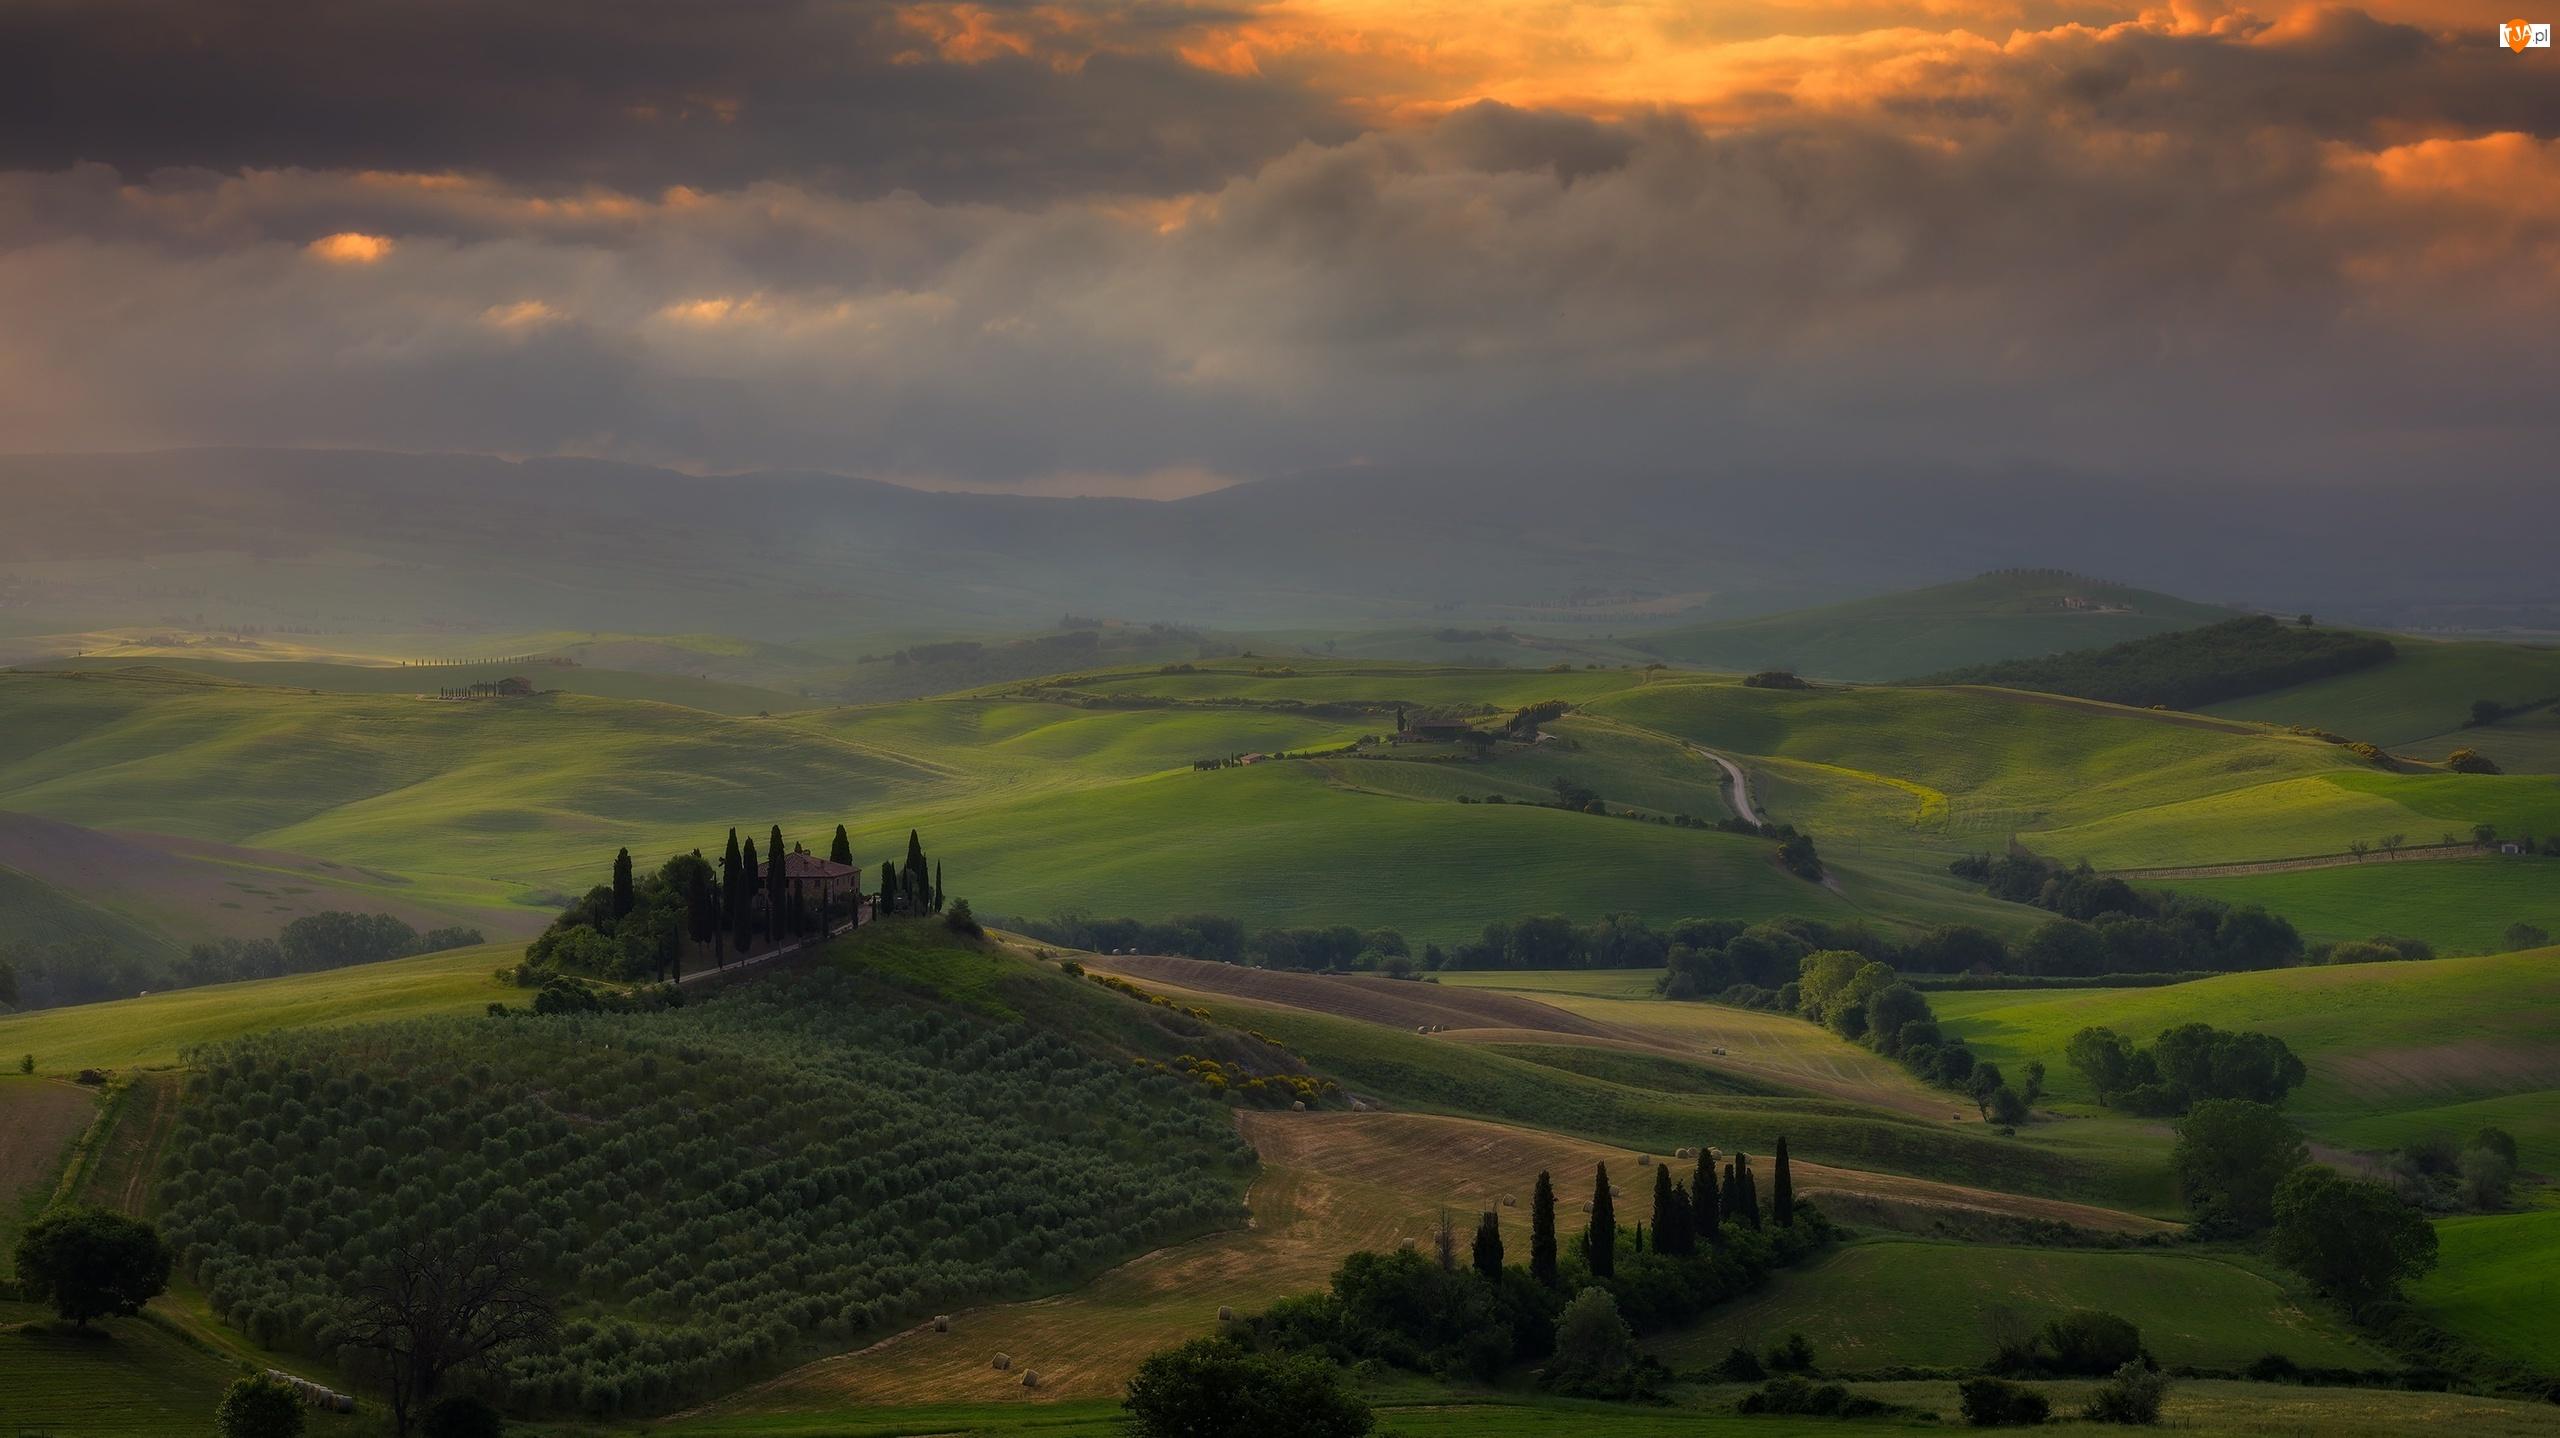 Mgła, Toskania, Chmury, Drzewa, Cyprysy, Region Chianti, Pola, Włochy, Wzgórza